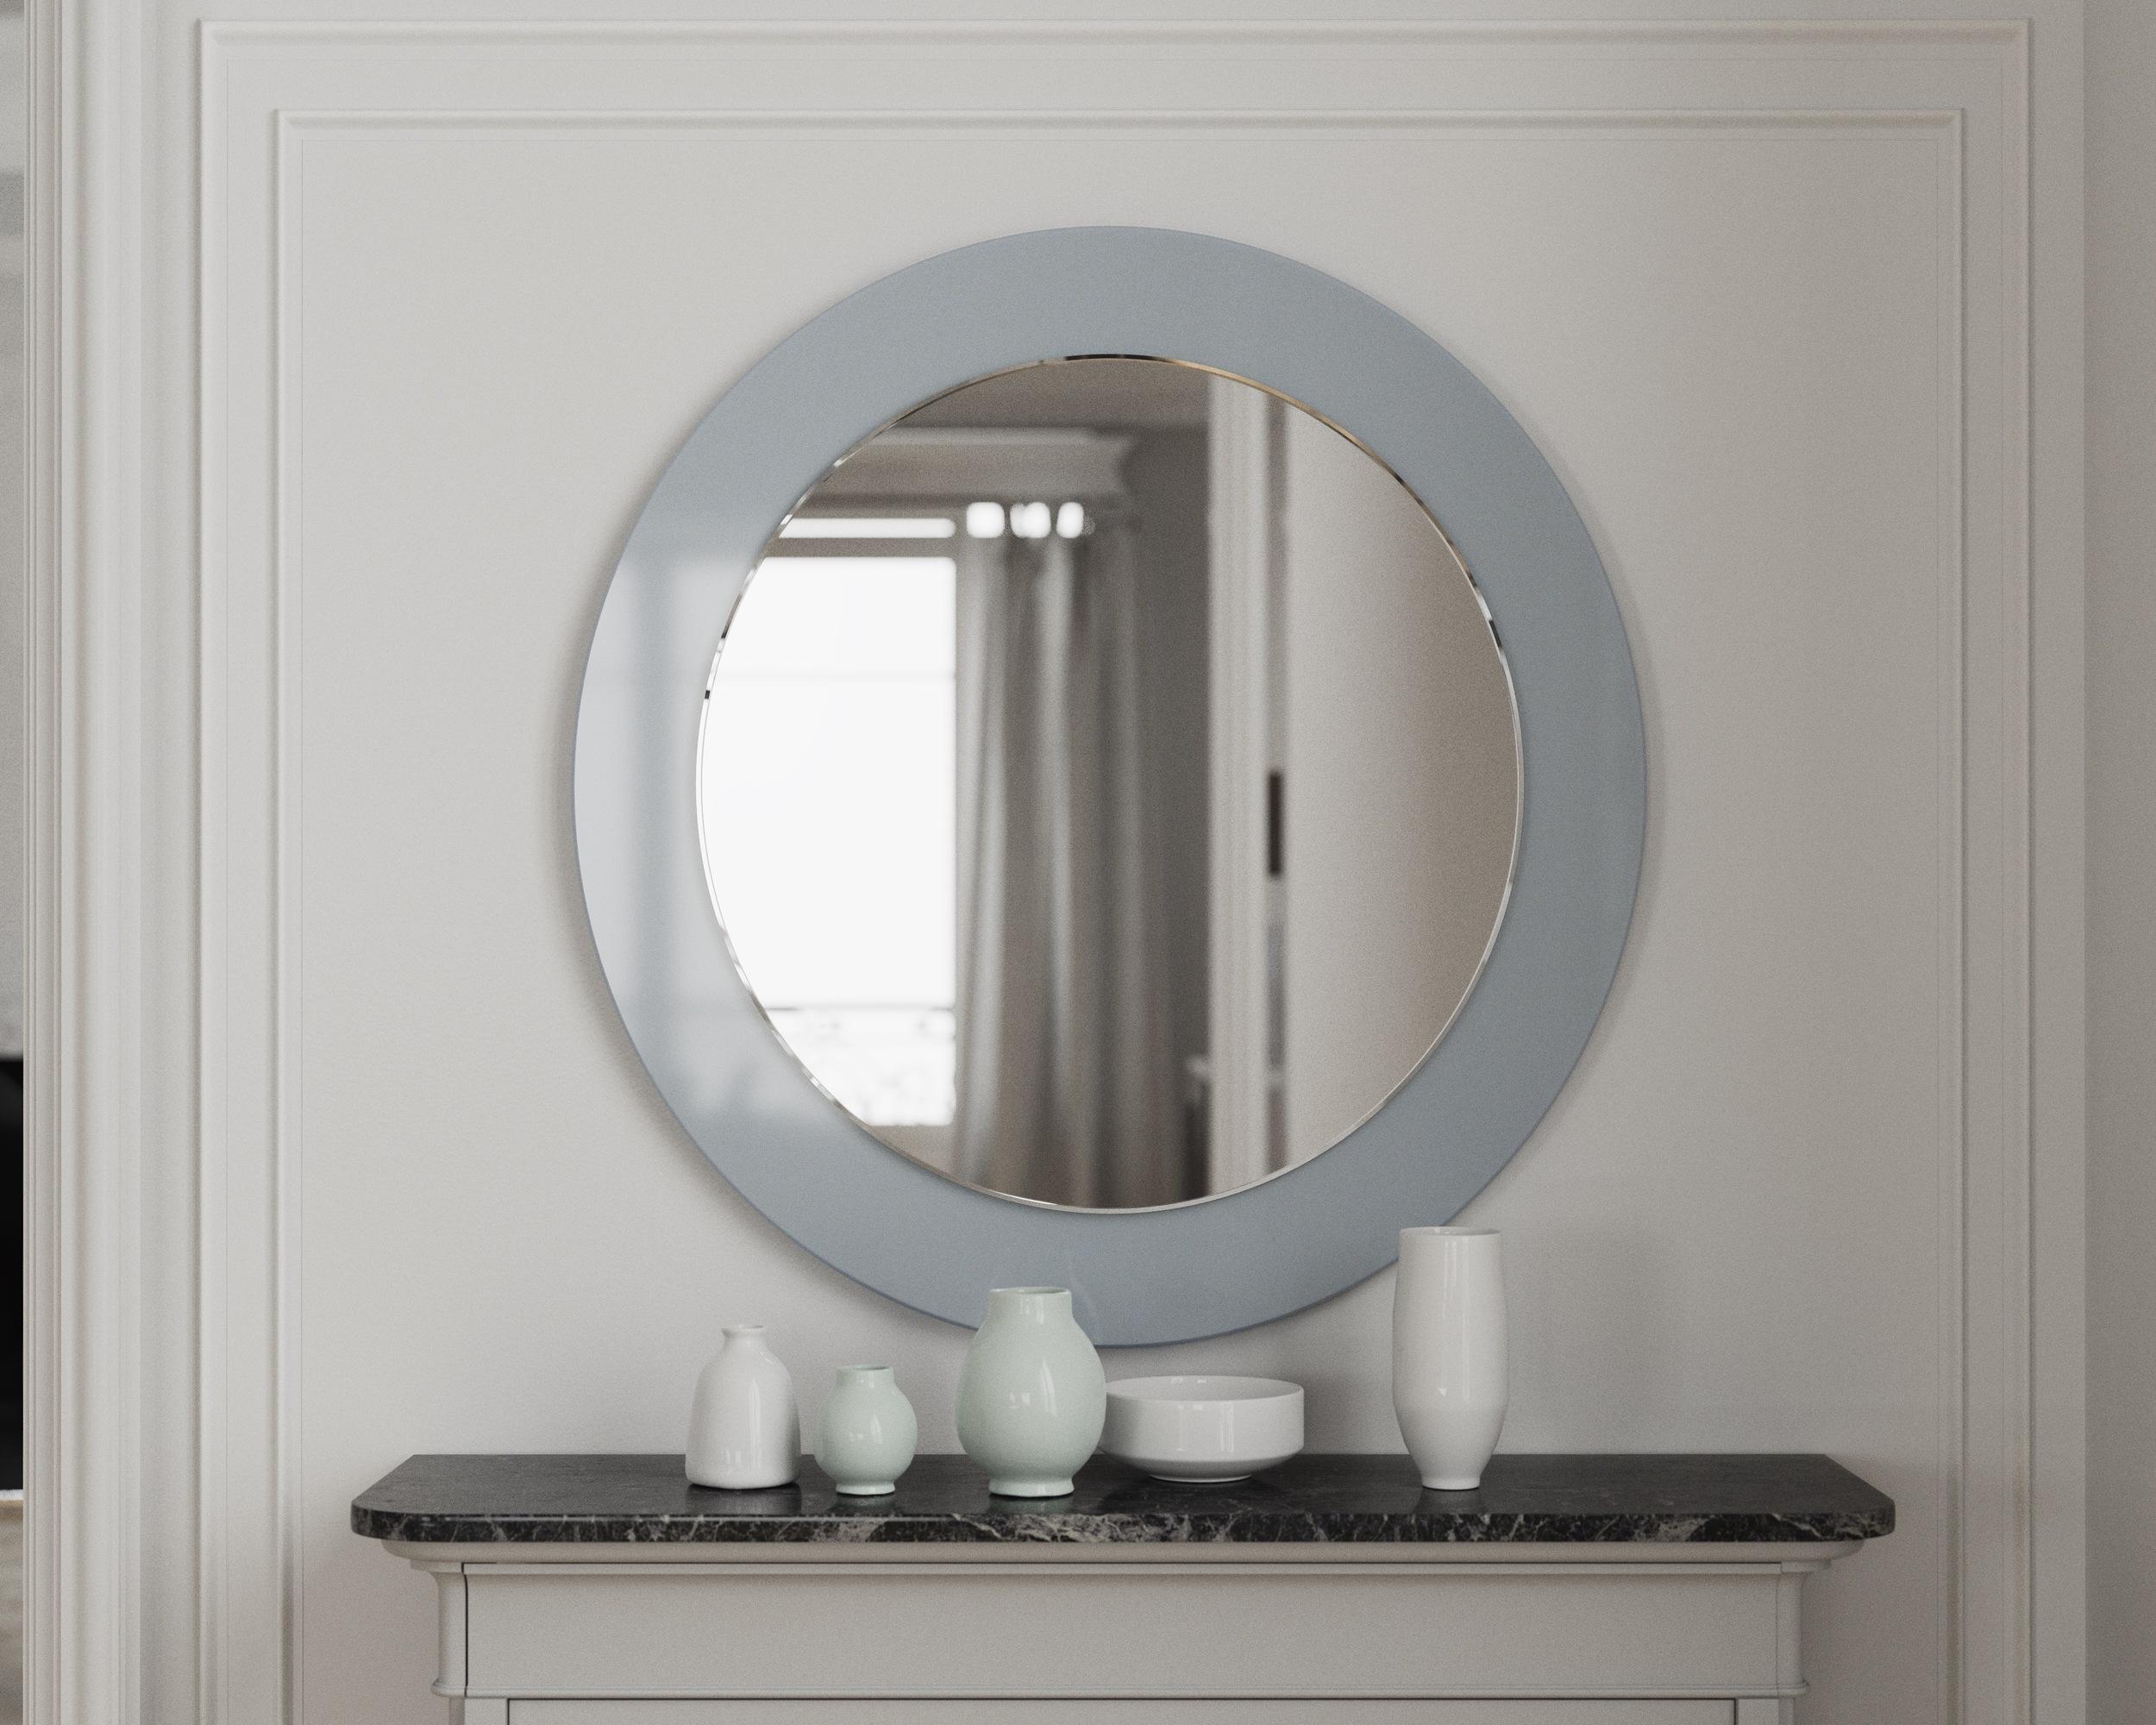 Blue version of round mirror